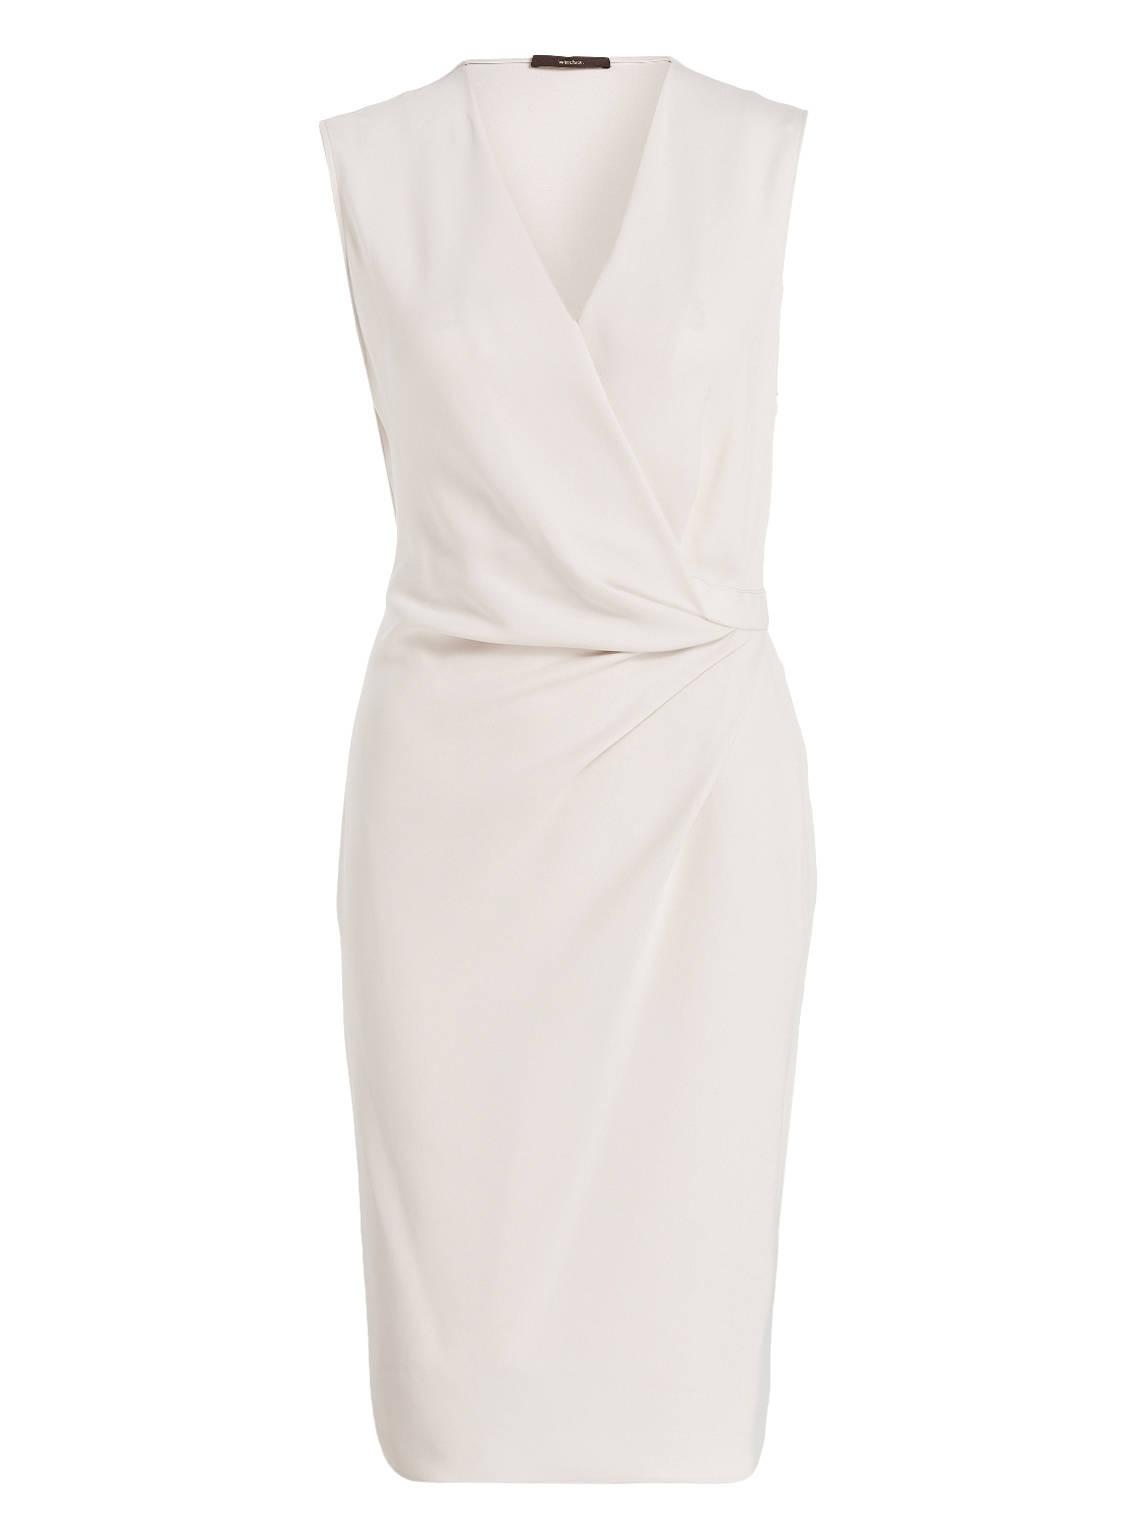 Formal Kreativ Kleid Hellblau Knielang Spezialgebiet17 Luxus Kleid Hellblau Knielang Boutique